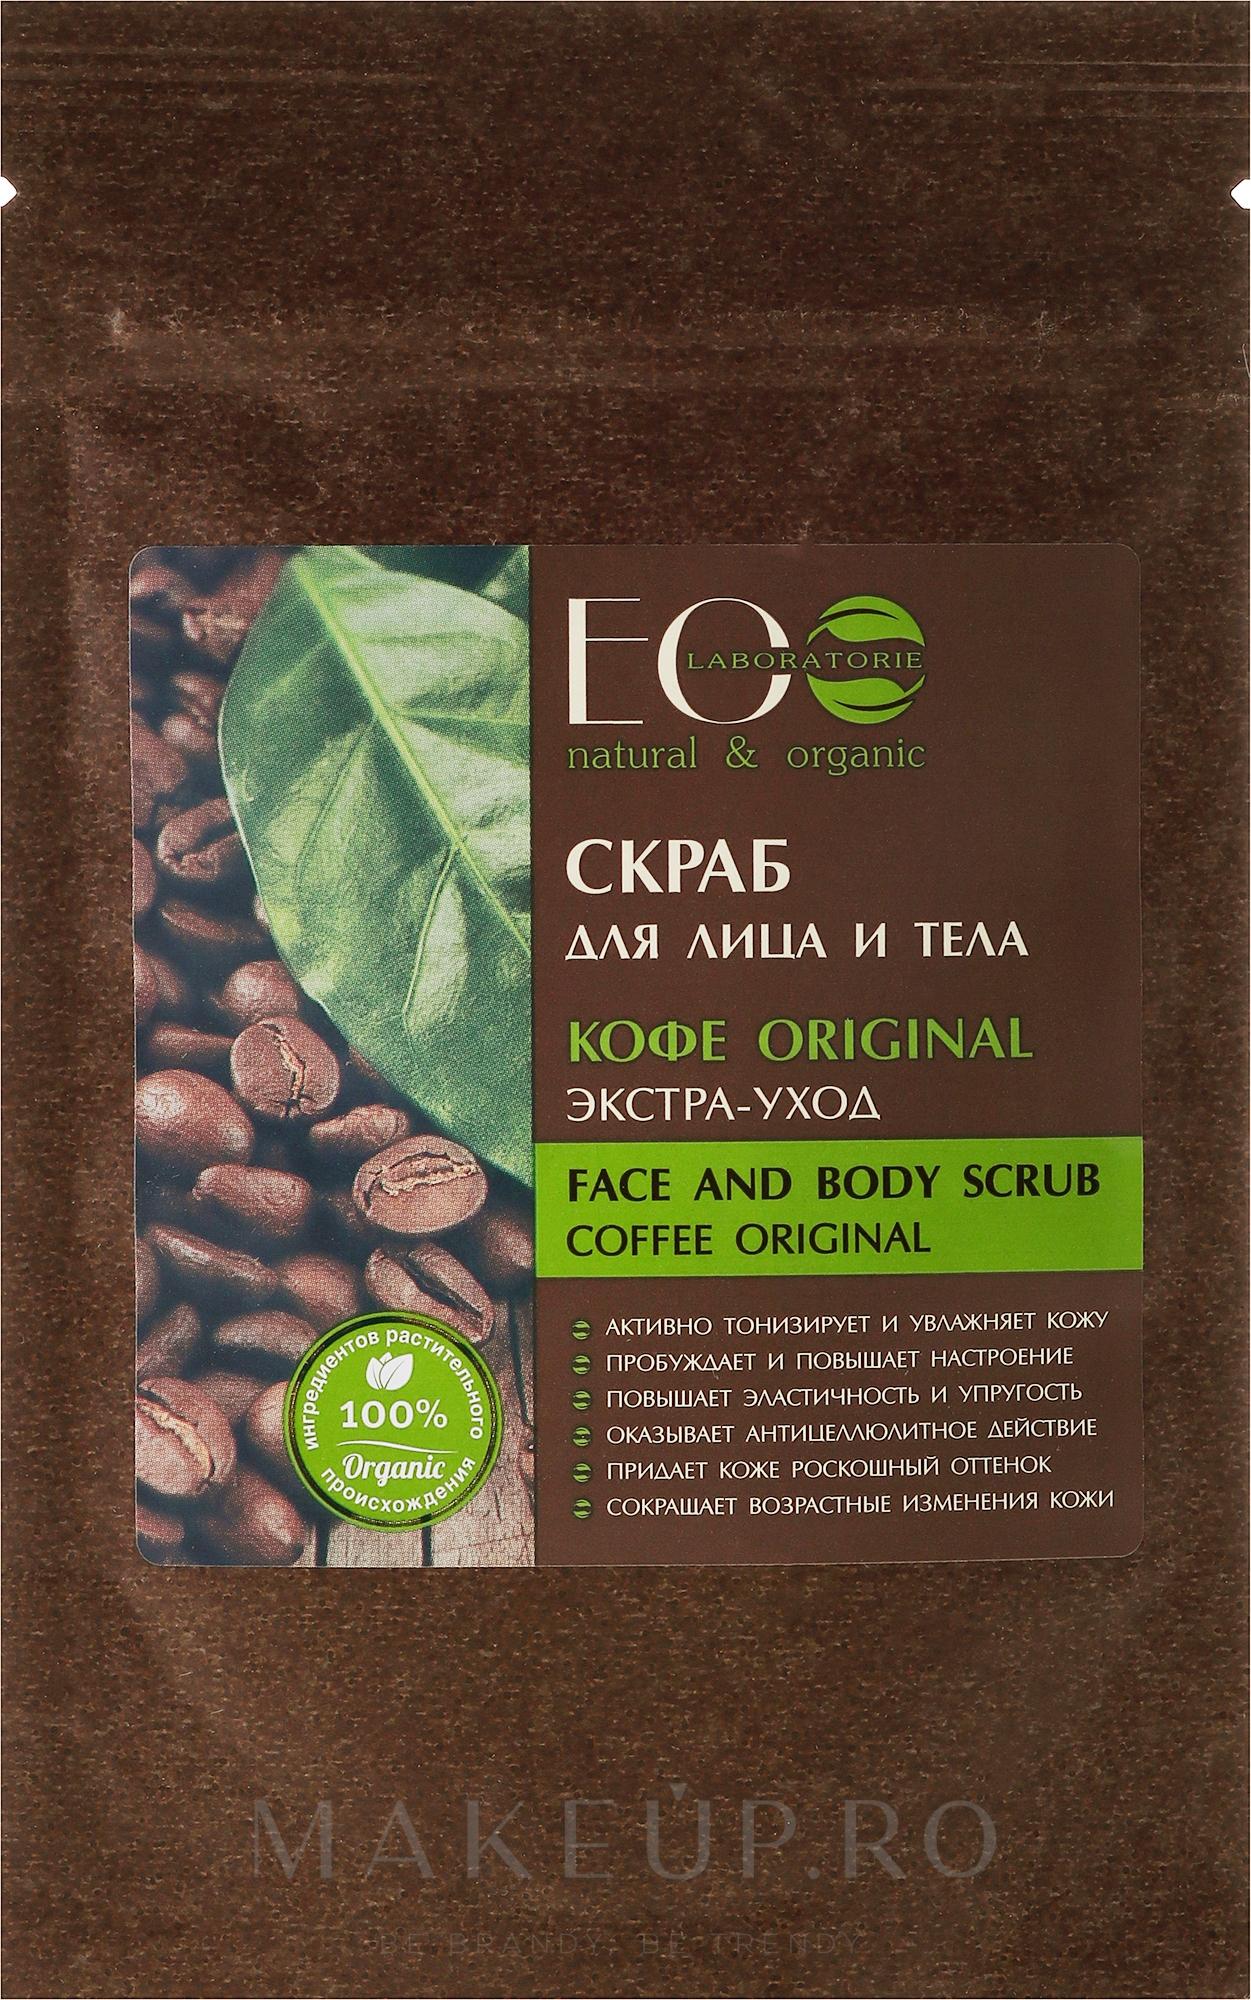 """Scrub pentru față și corp """"Coffe Original"""" - ECO Laboratorie Face and Body Scrub Coffee Original — Imagine 40 g"""